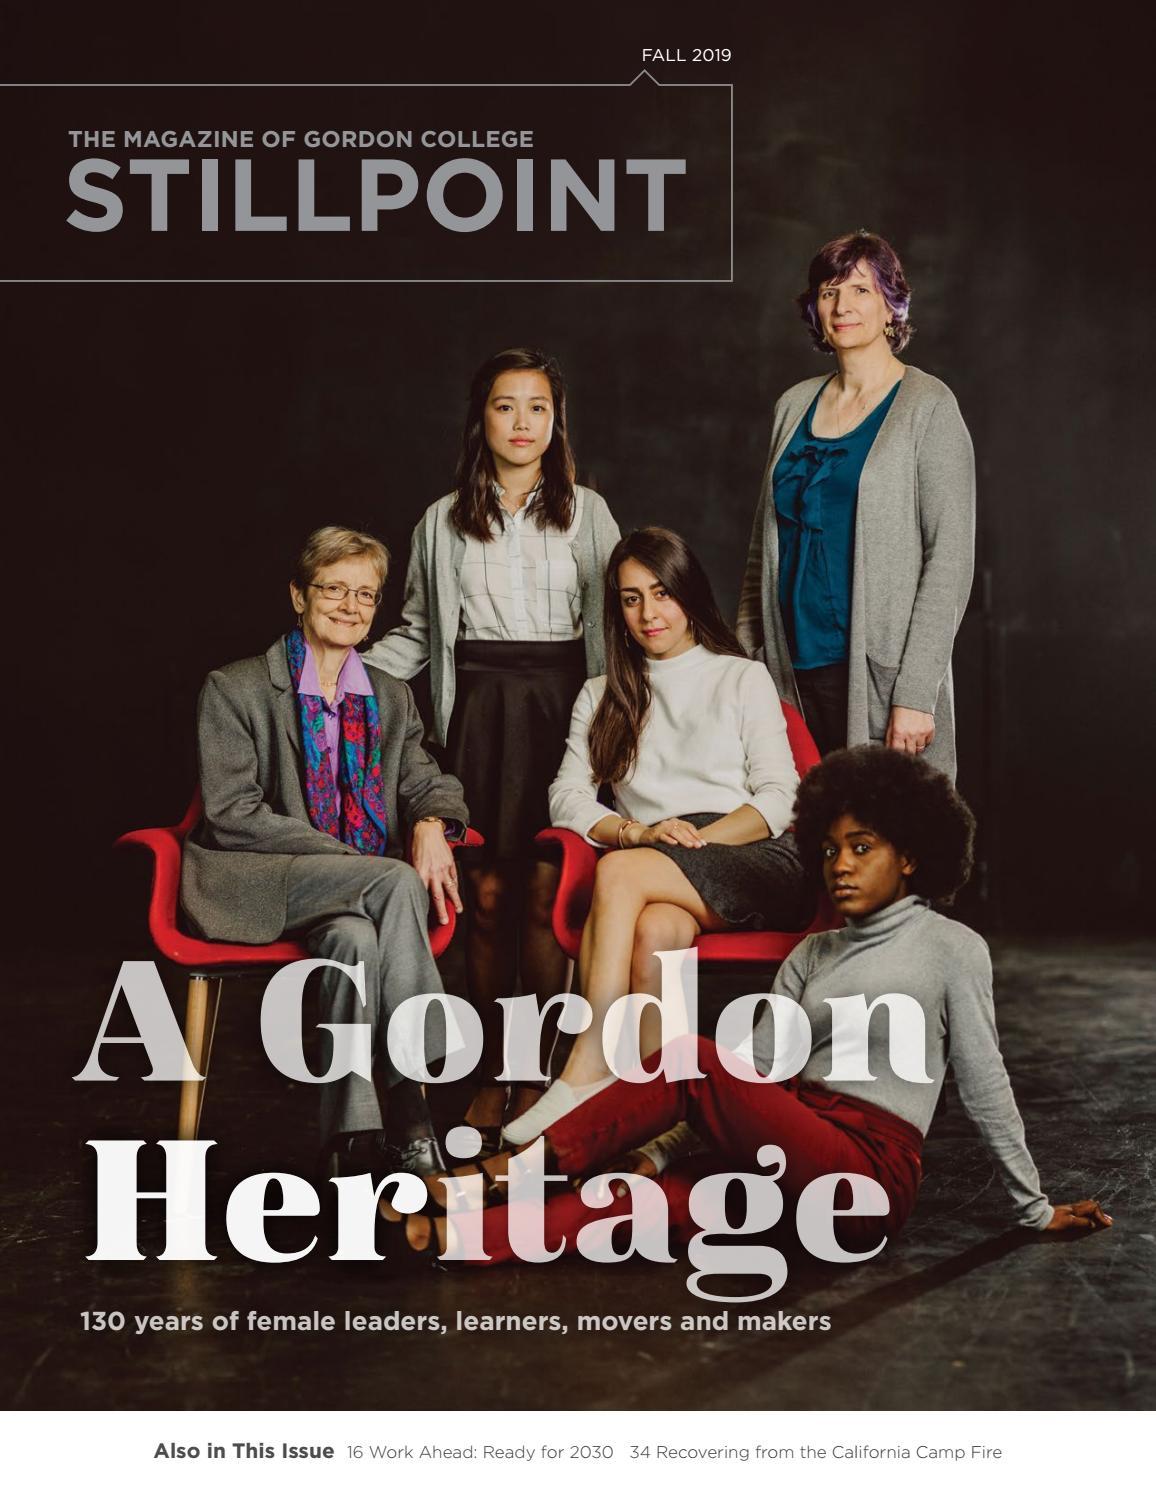 Gordon College Christmas Gala 2020 STILLPOINT Fall 2019 by Gordon College   issuu